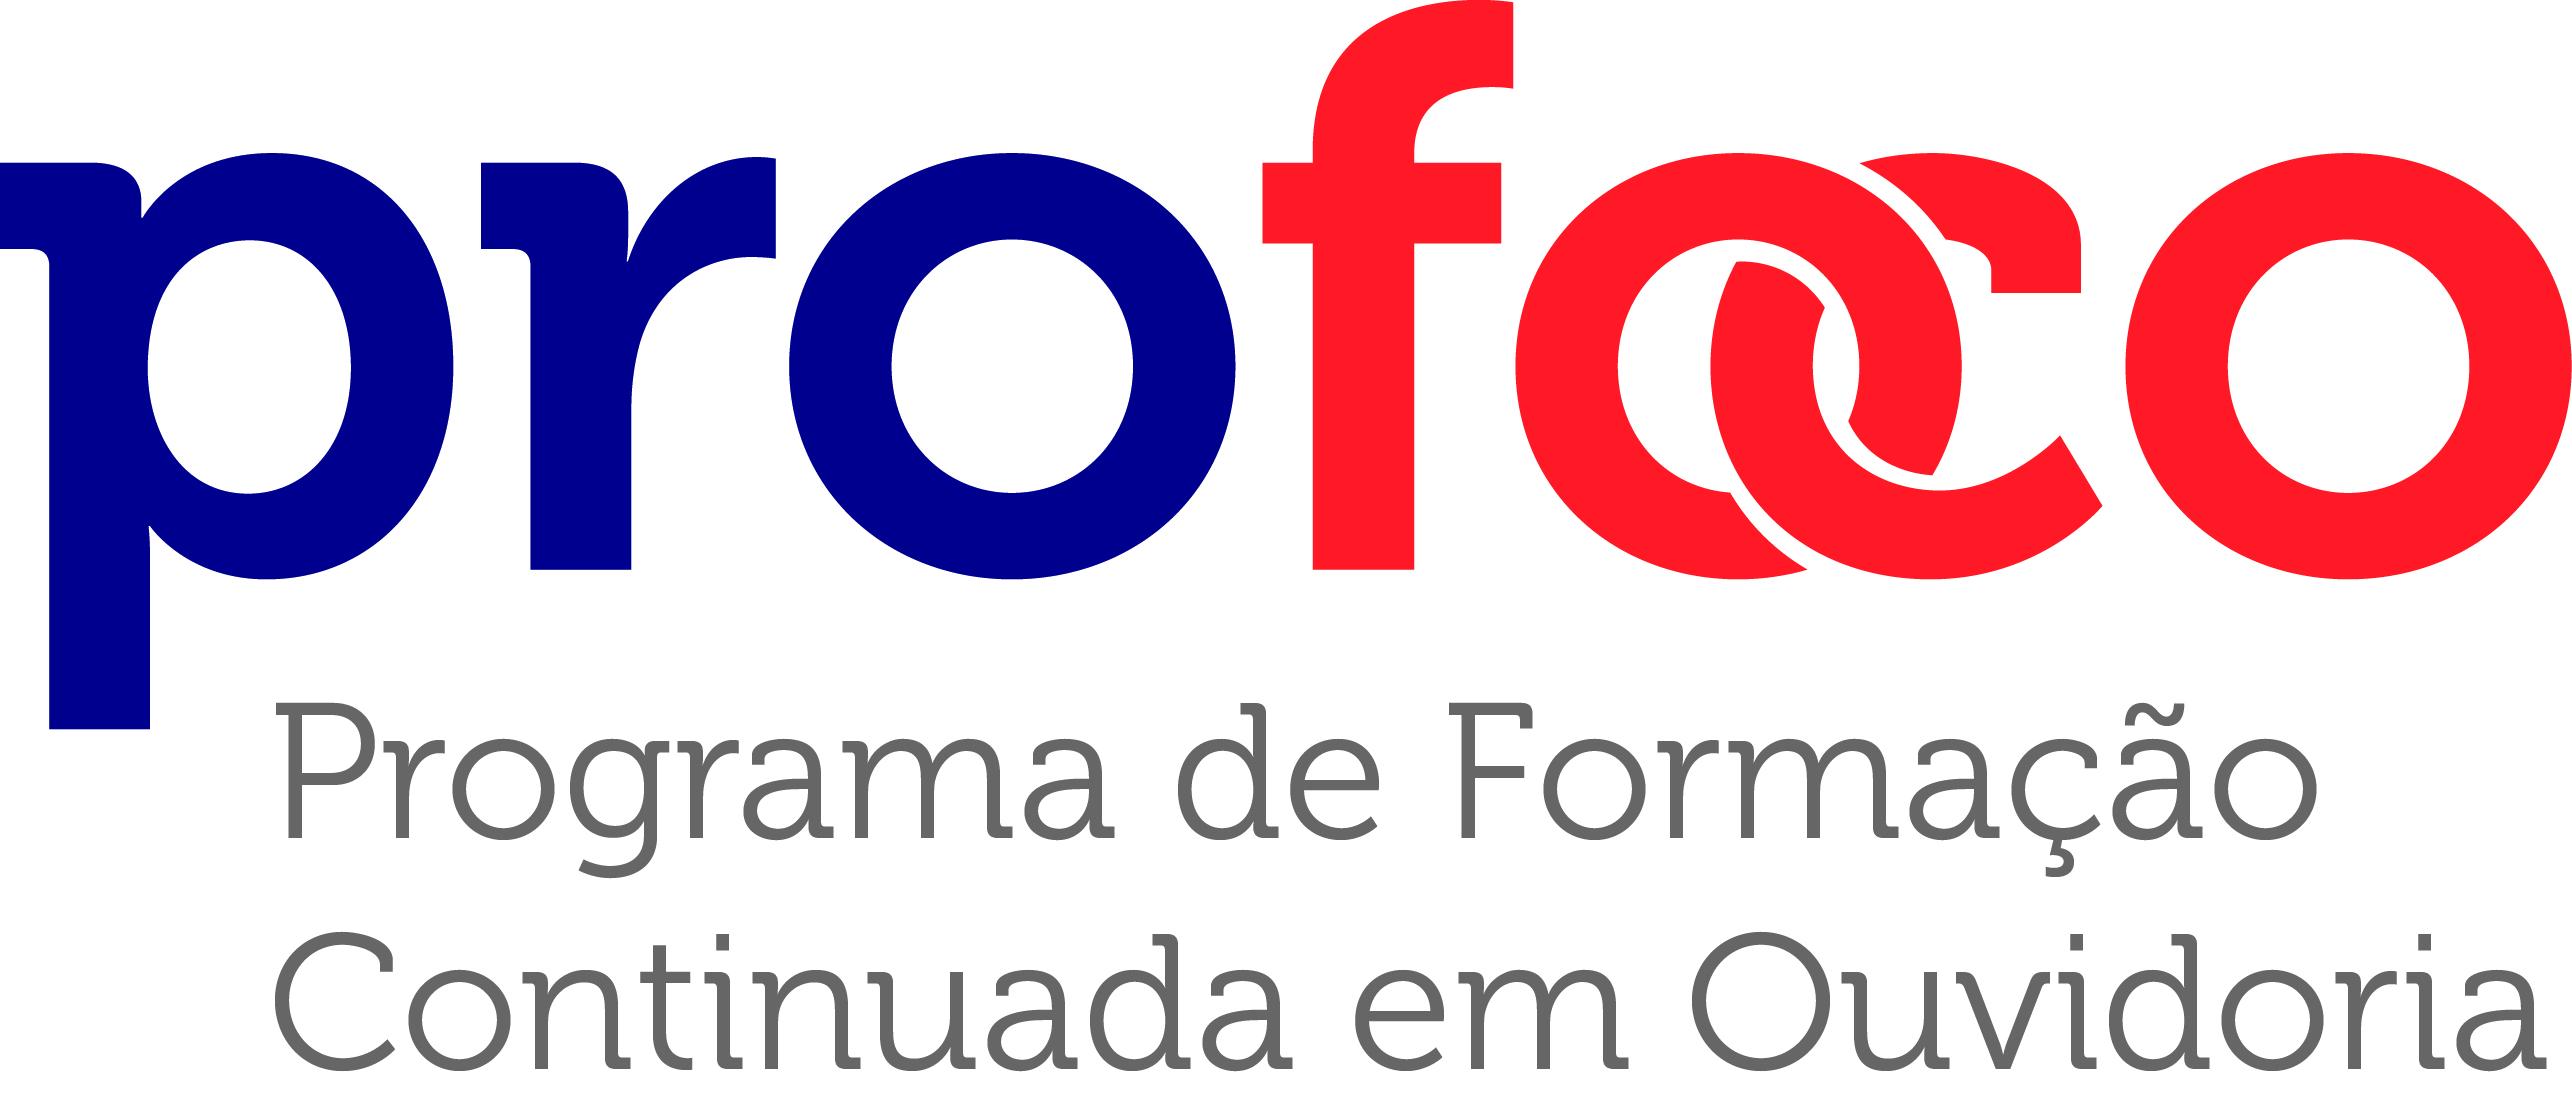 Curso Defesa do Usuário e Simplificação, no período de 2 a 4 de outubro de 2018, na cidade de João Pessoa/PB